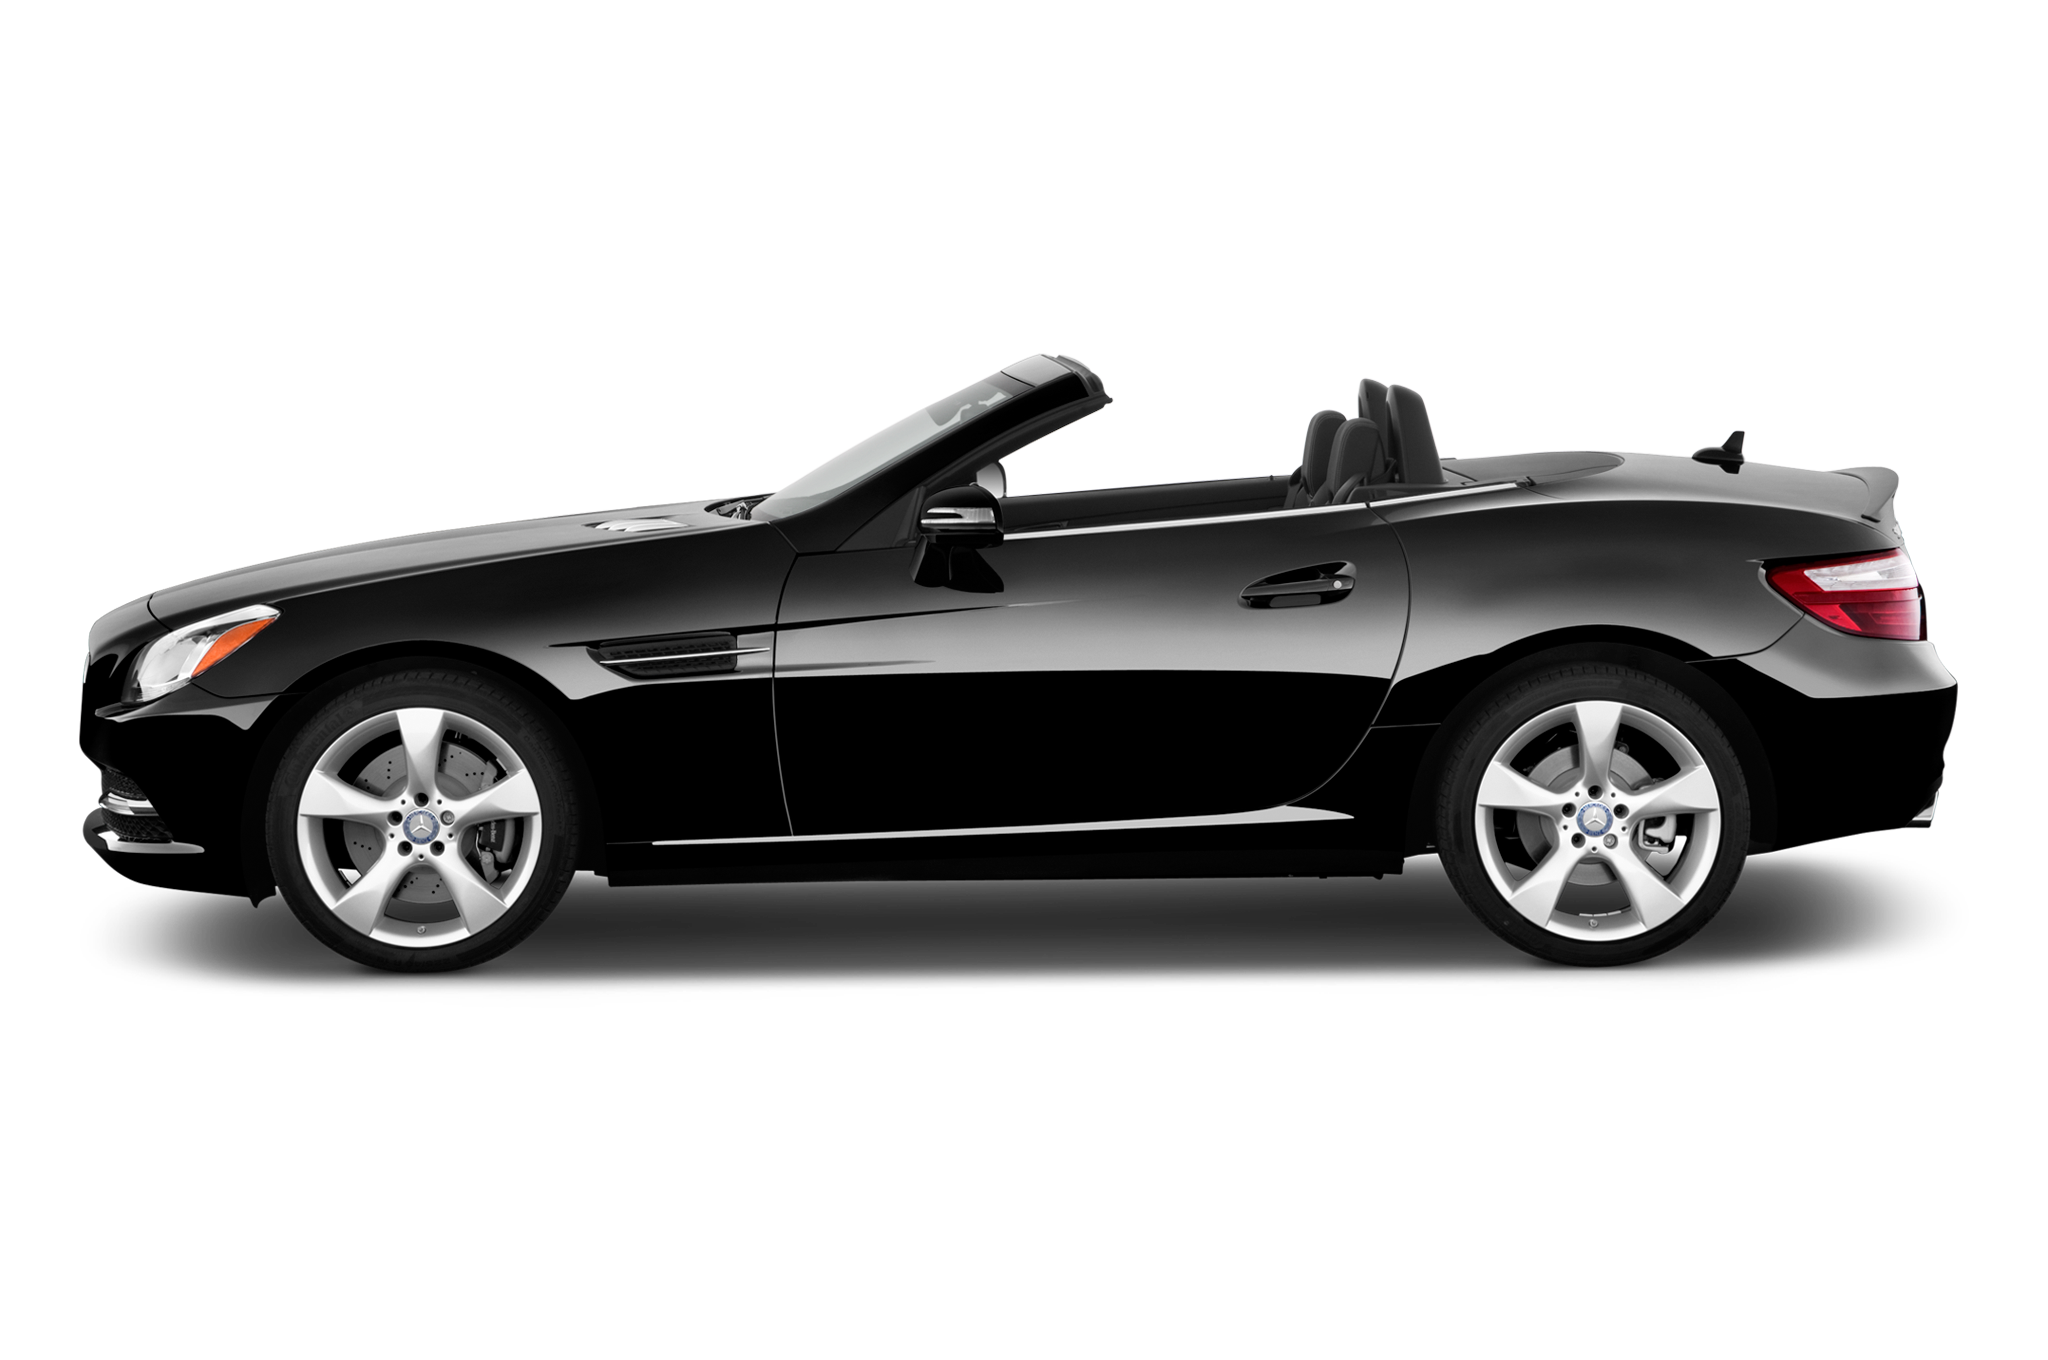 Mercedes-Benz SLC-klasse AMG I (R172) 2016 - now Roadster #1